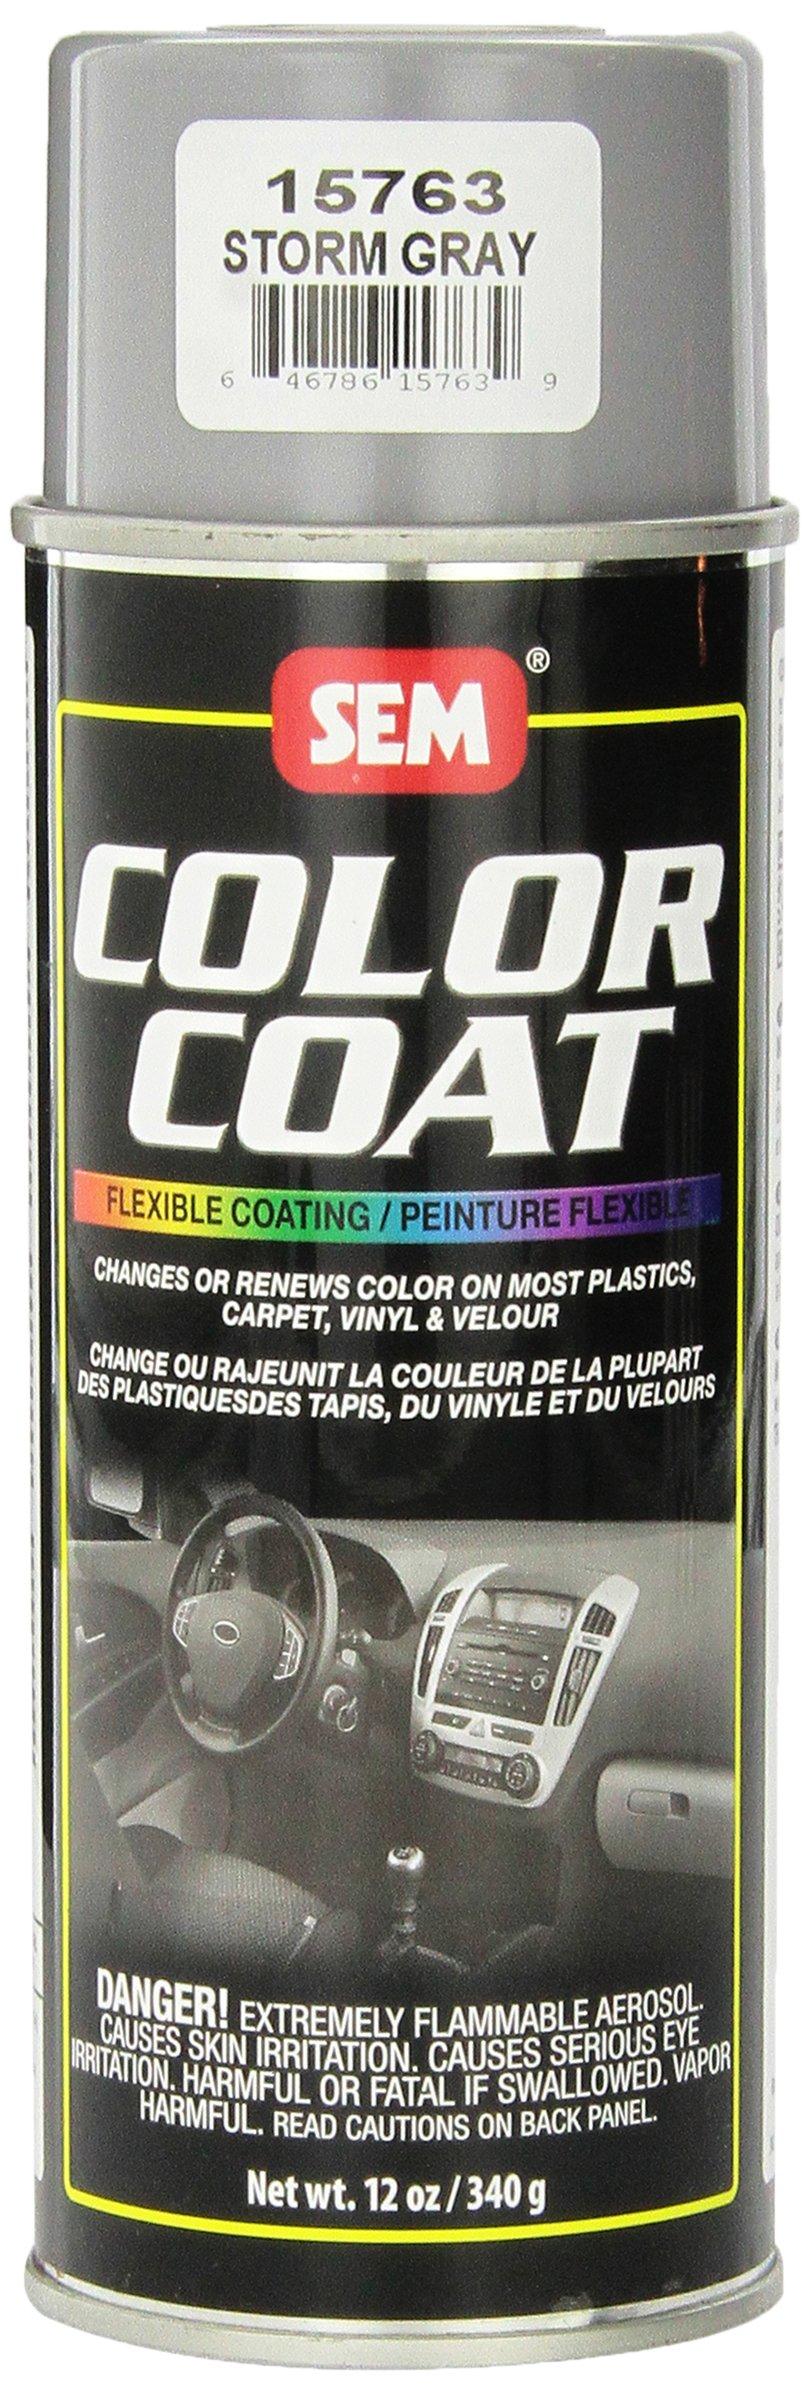 SEM 15763 Storm Gray Color Coat - 12 oz.